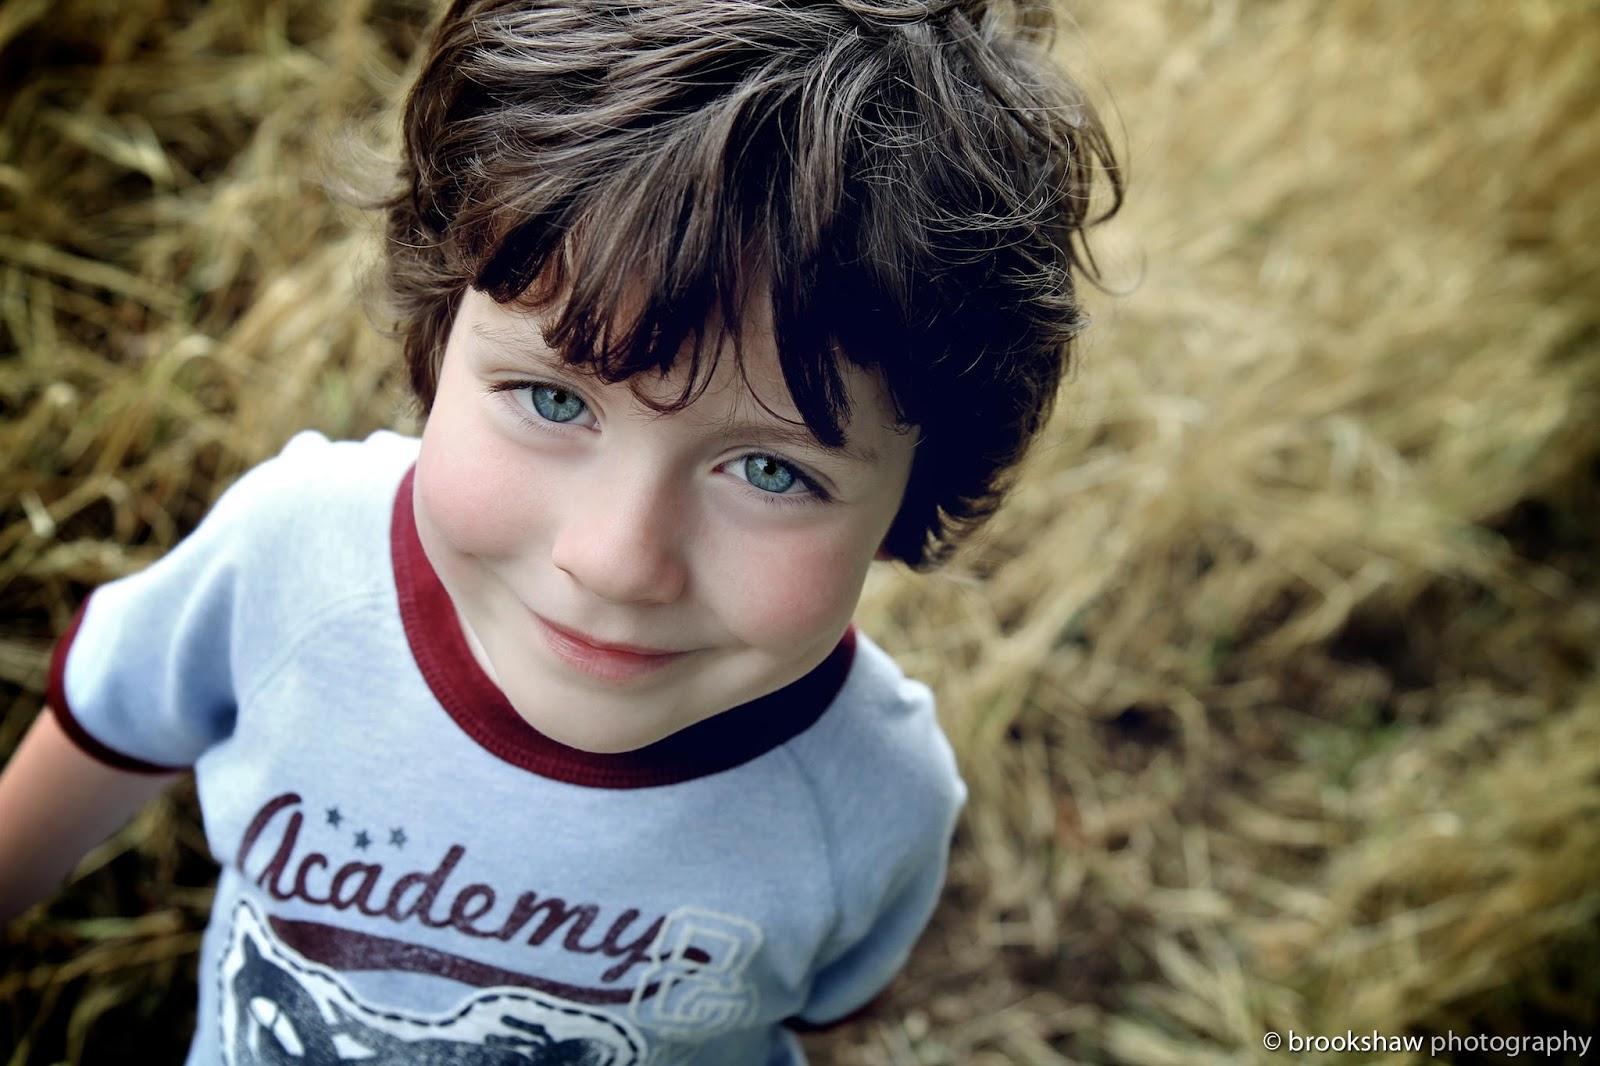 بالصور صور اطفال صغار , صورة للاولاد الصغار روعه 4469 10